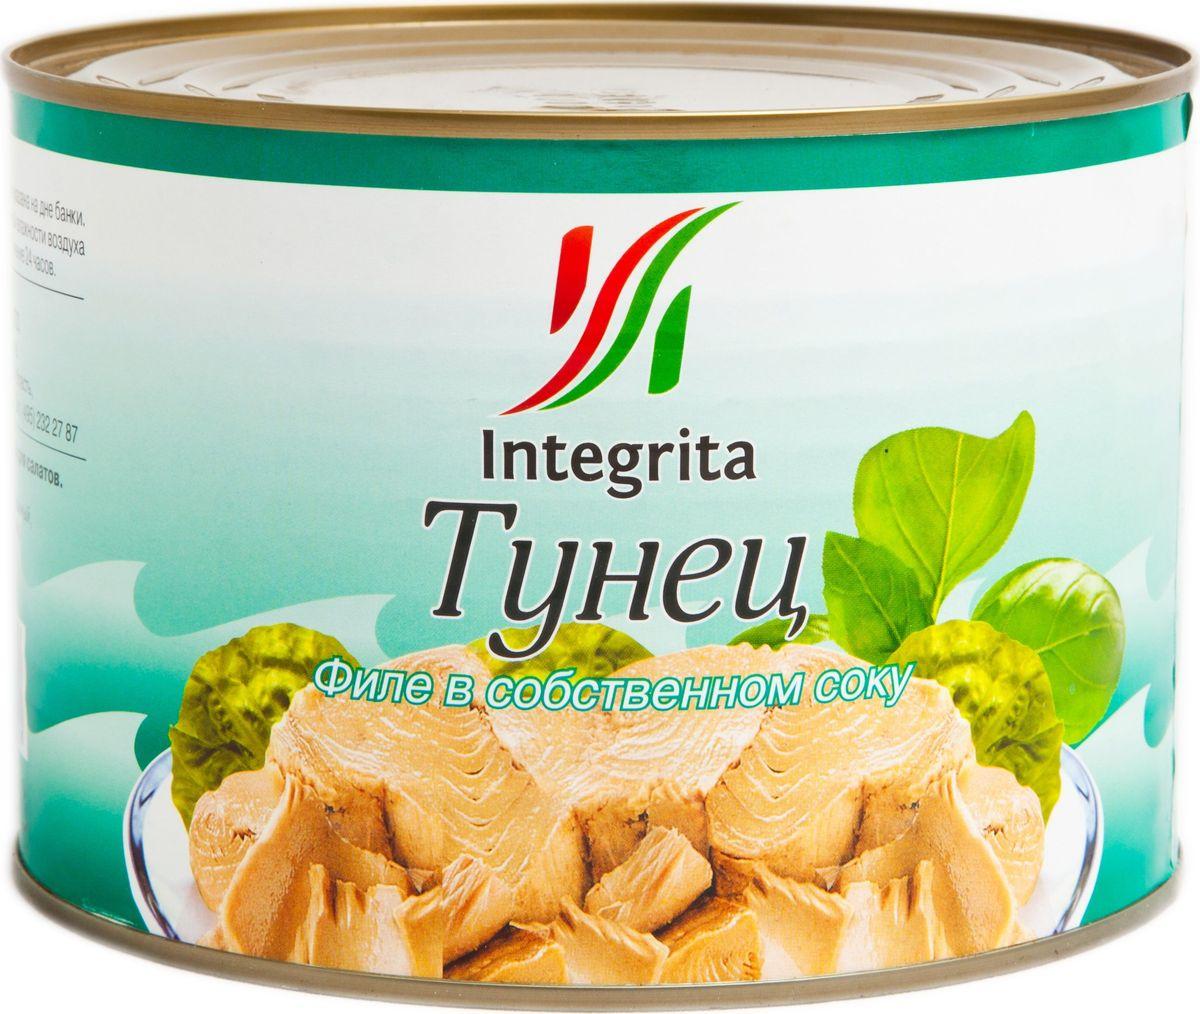 Integrita тунец филе в собственном соку, 1,7 кгМС-00001026Приготовлен из мяса молодого тунца. Отличается нежным цветом и приятным вкусом. Идеален для приготовления салатов, закусок, горячих бутербродов и других вкусных блюд.